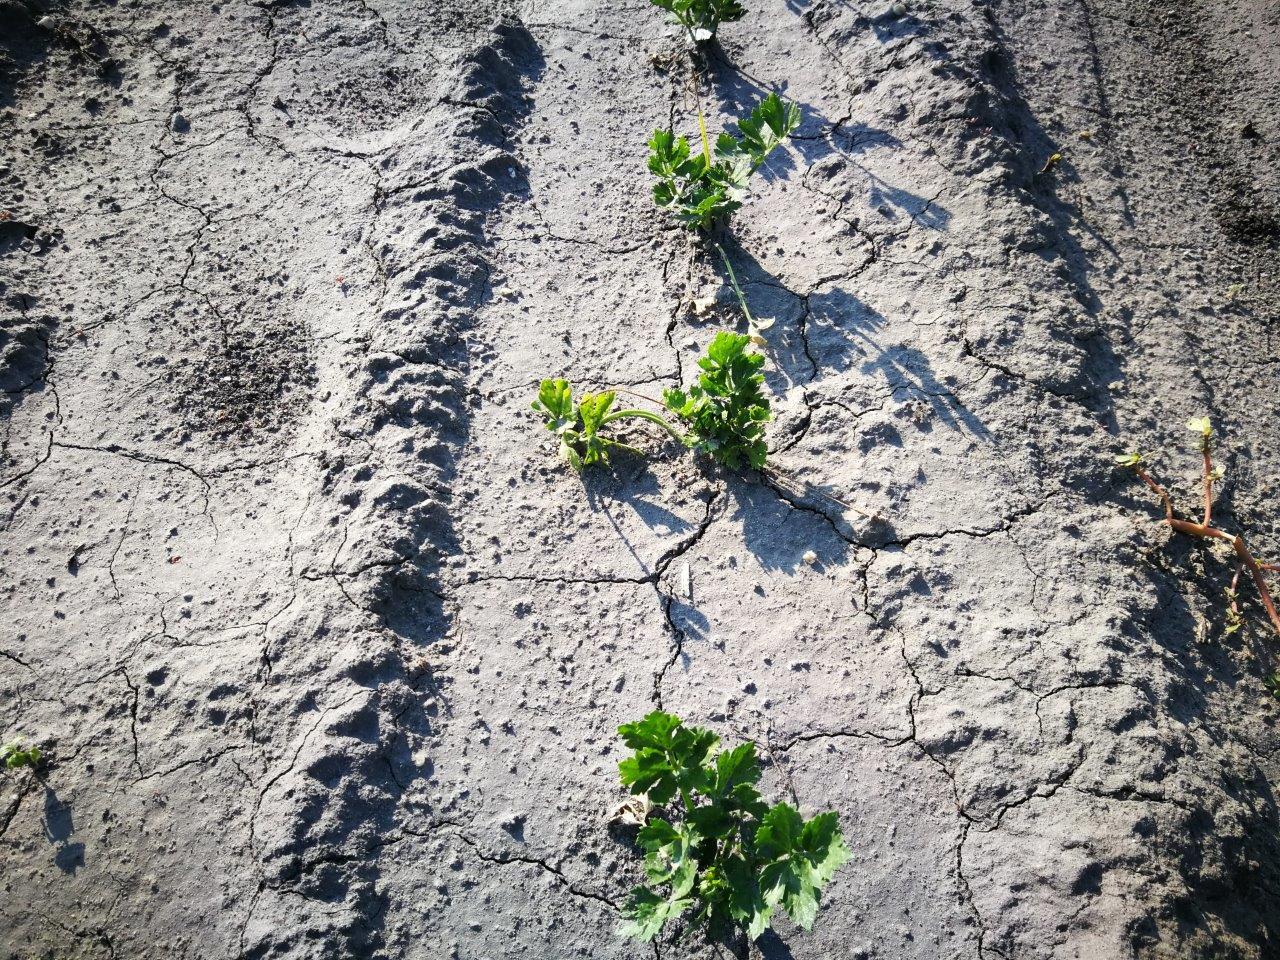 Lecserepesedett talaj